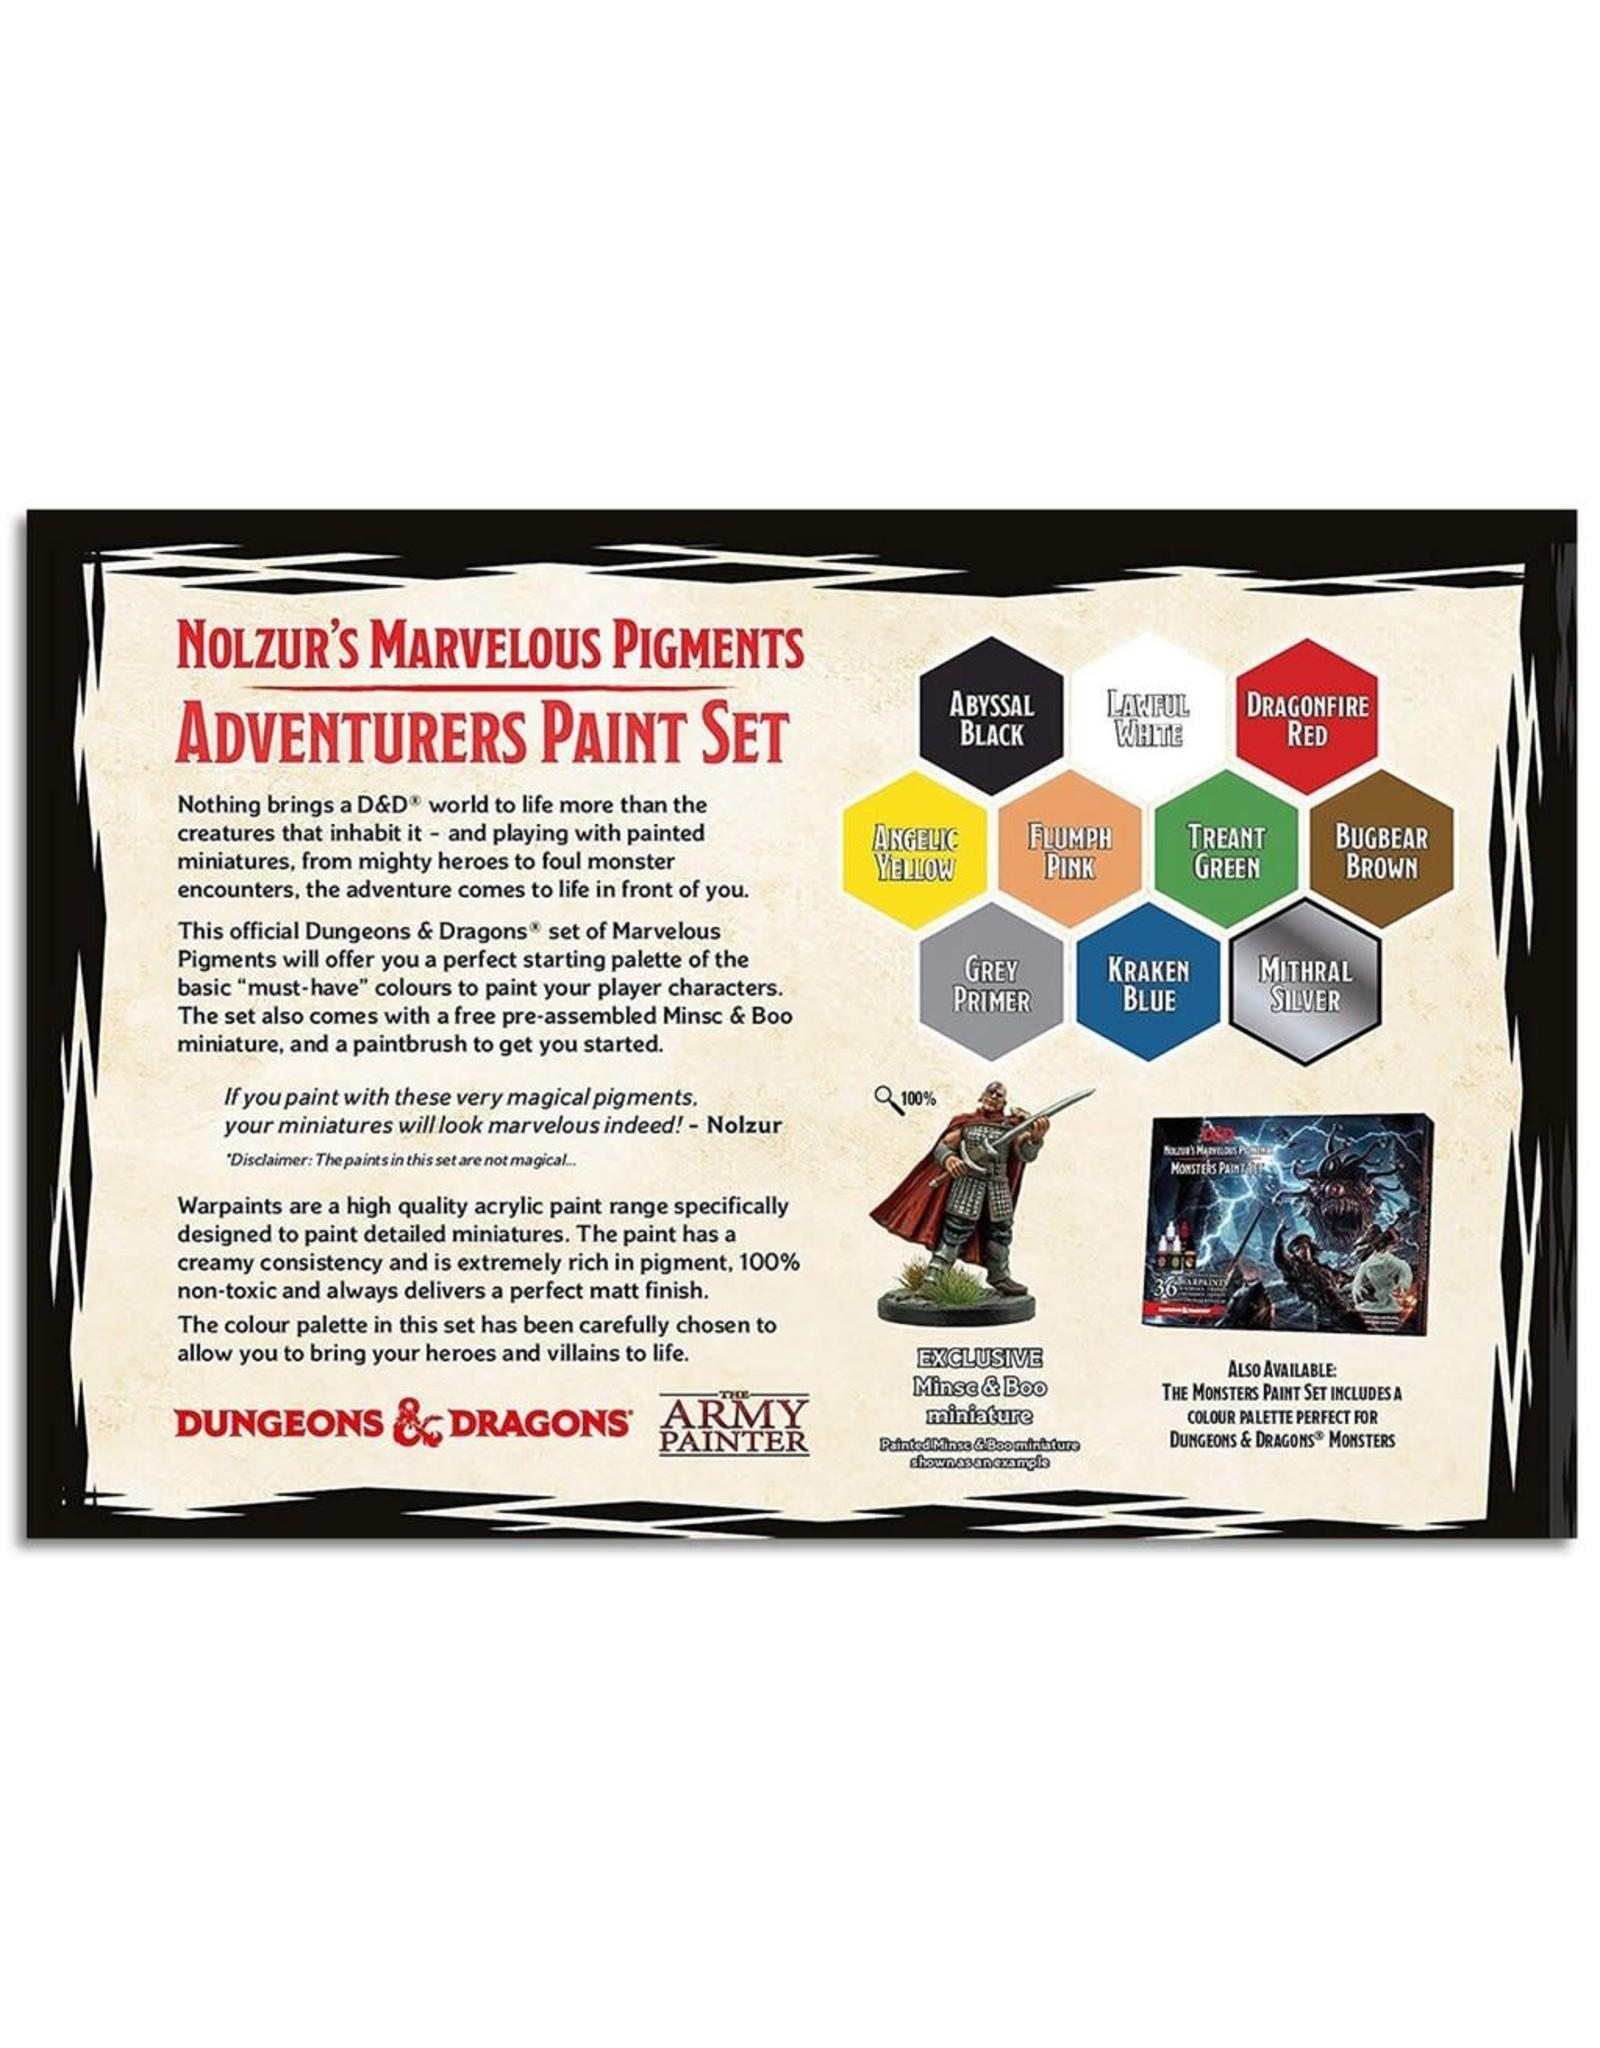 Army Painter Paint Set: D&D 5th Edition- Nolzur's Marvelous Pigments- The Adventurers Paint Set